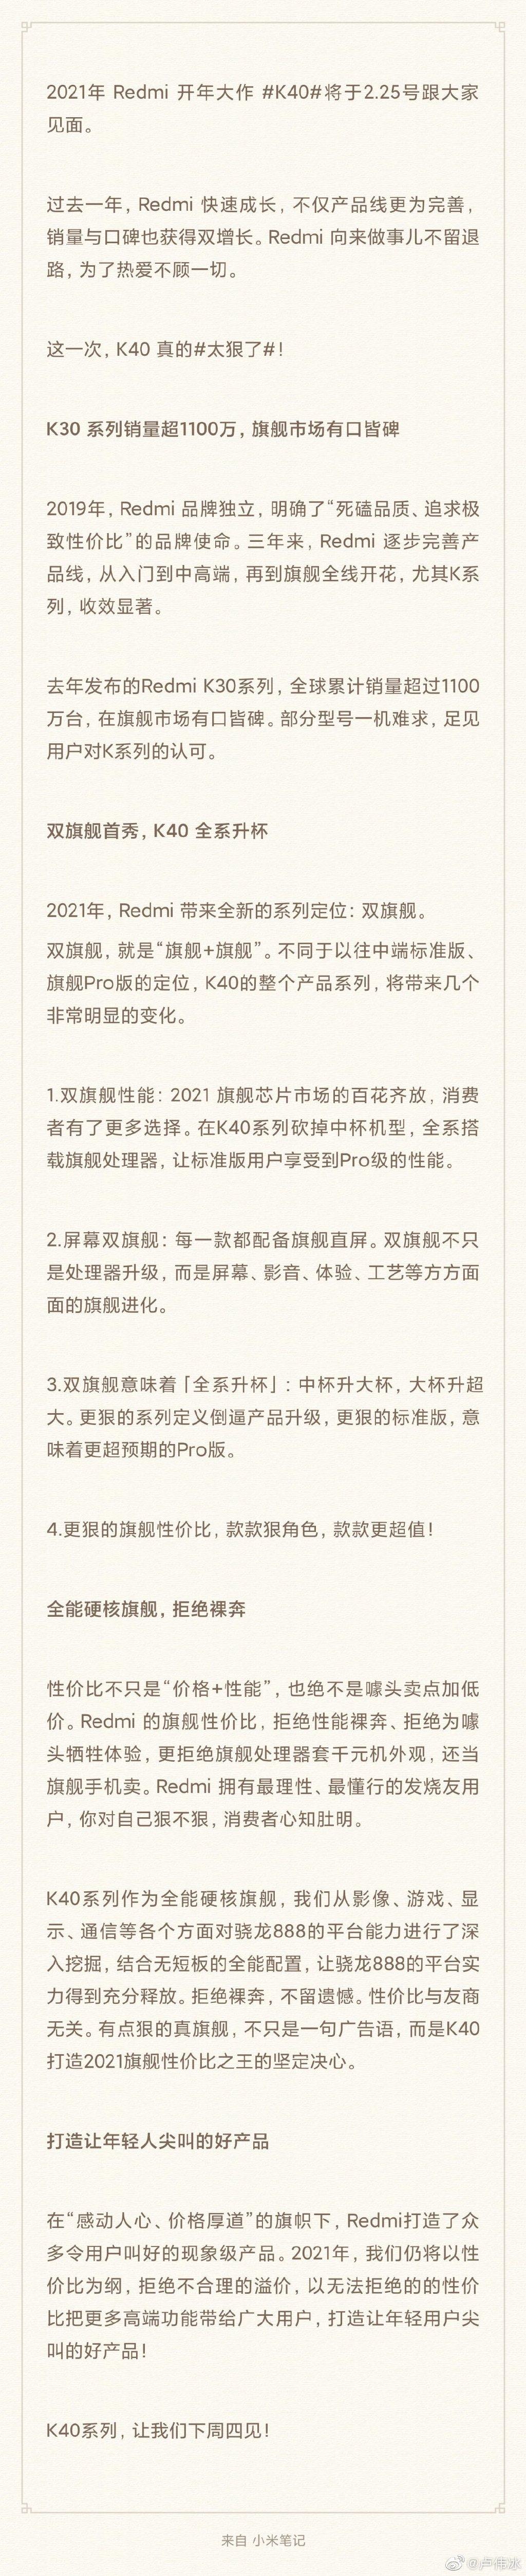 卢伟冰:做事儿不留退路,为热爱不顾一切!-玩懂手机网 - 玩懂手机第一手的手机资讯网(www.wdshouji.com)